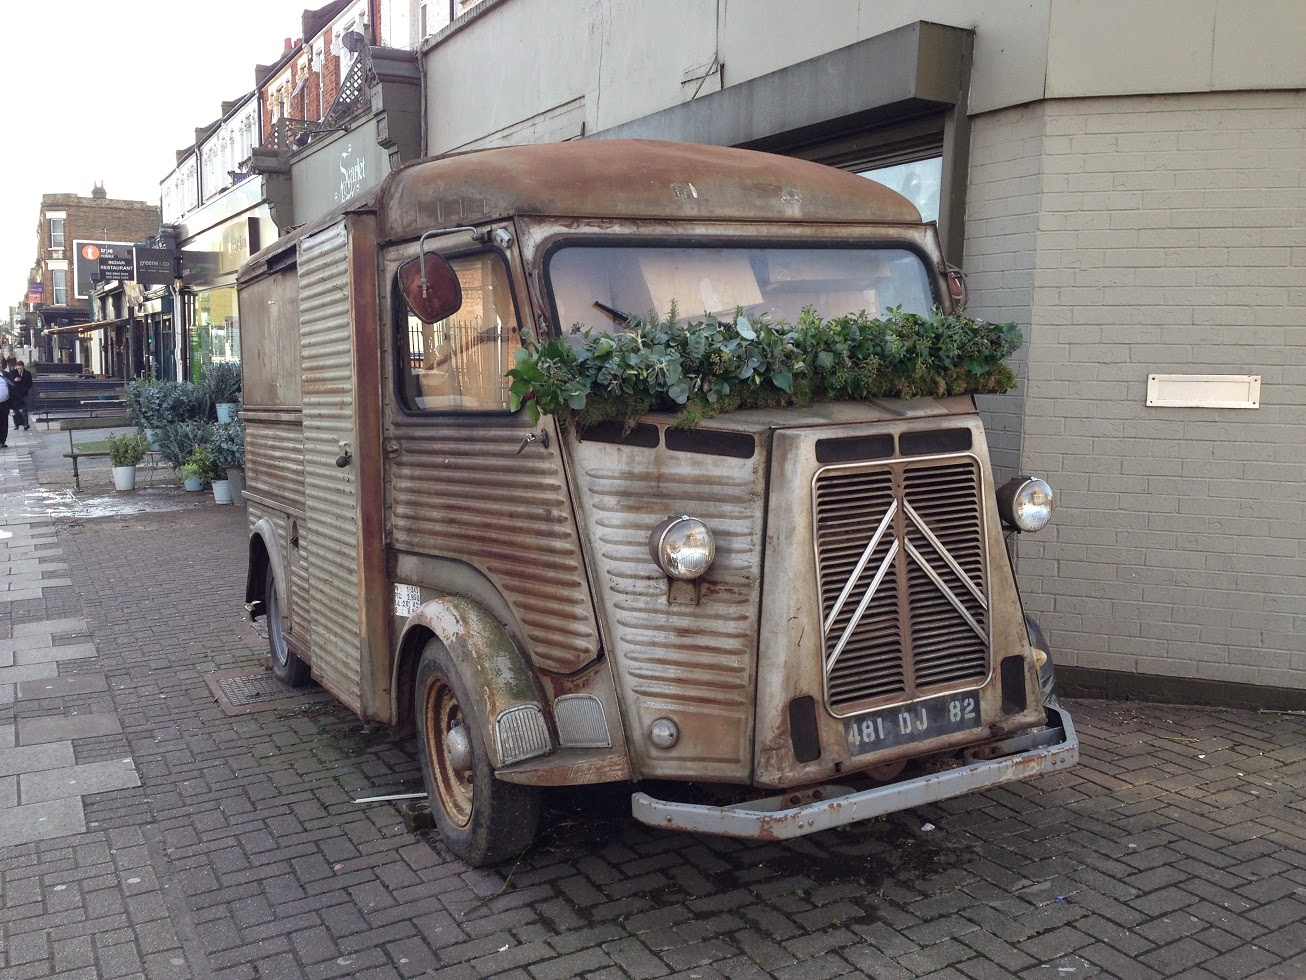 Old Citroen Van, Queen's Park, London